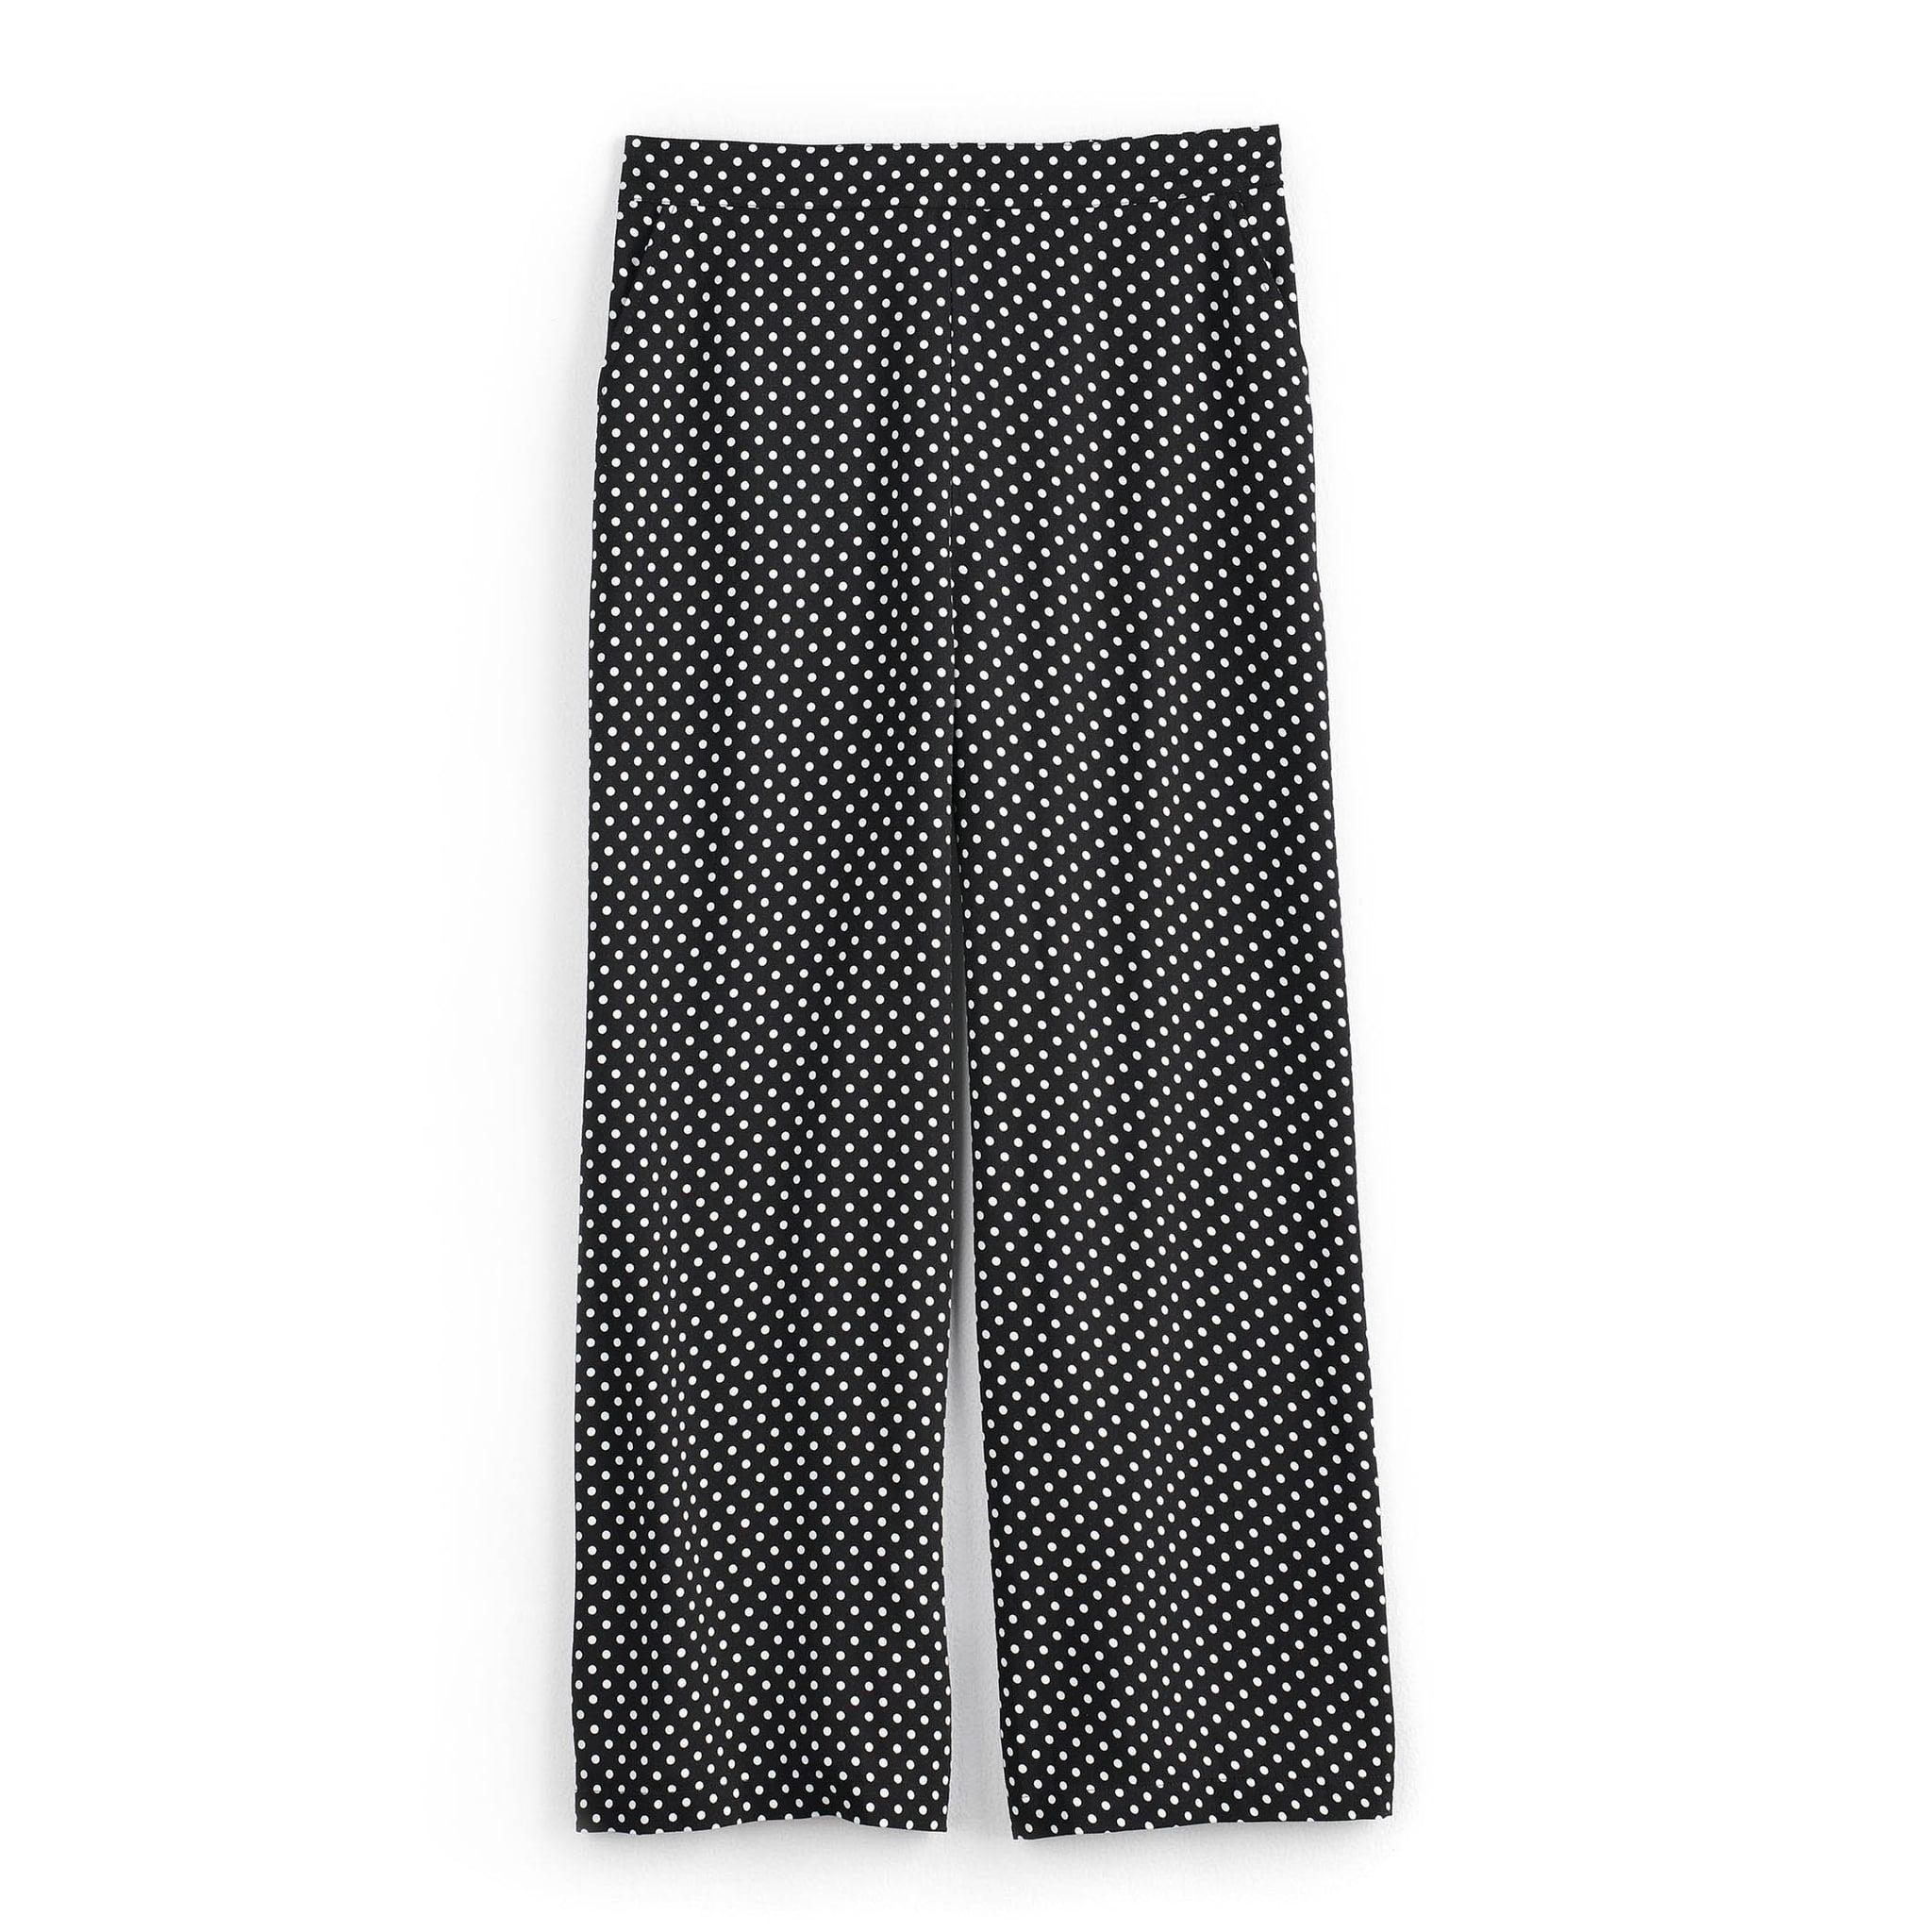 5d1ac55632c5 Women's POPSUGAR High-Waisted Wide-Leg Pants | 46 Polka-Dot Outfits ...